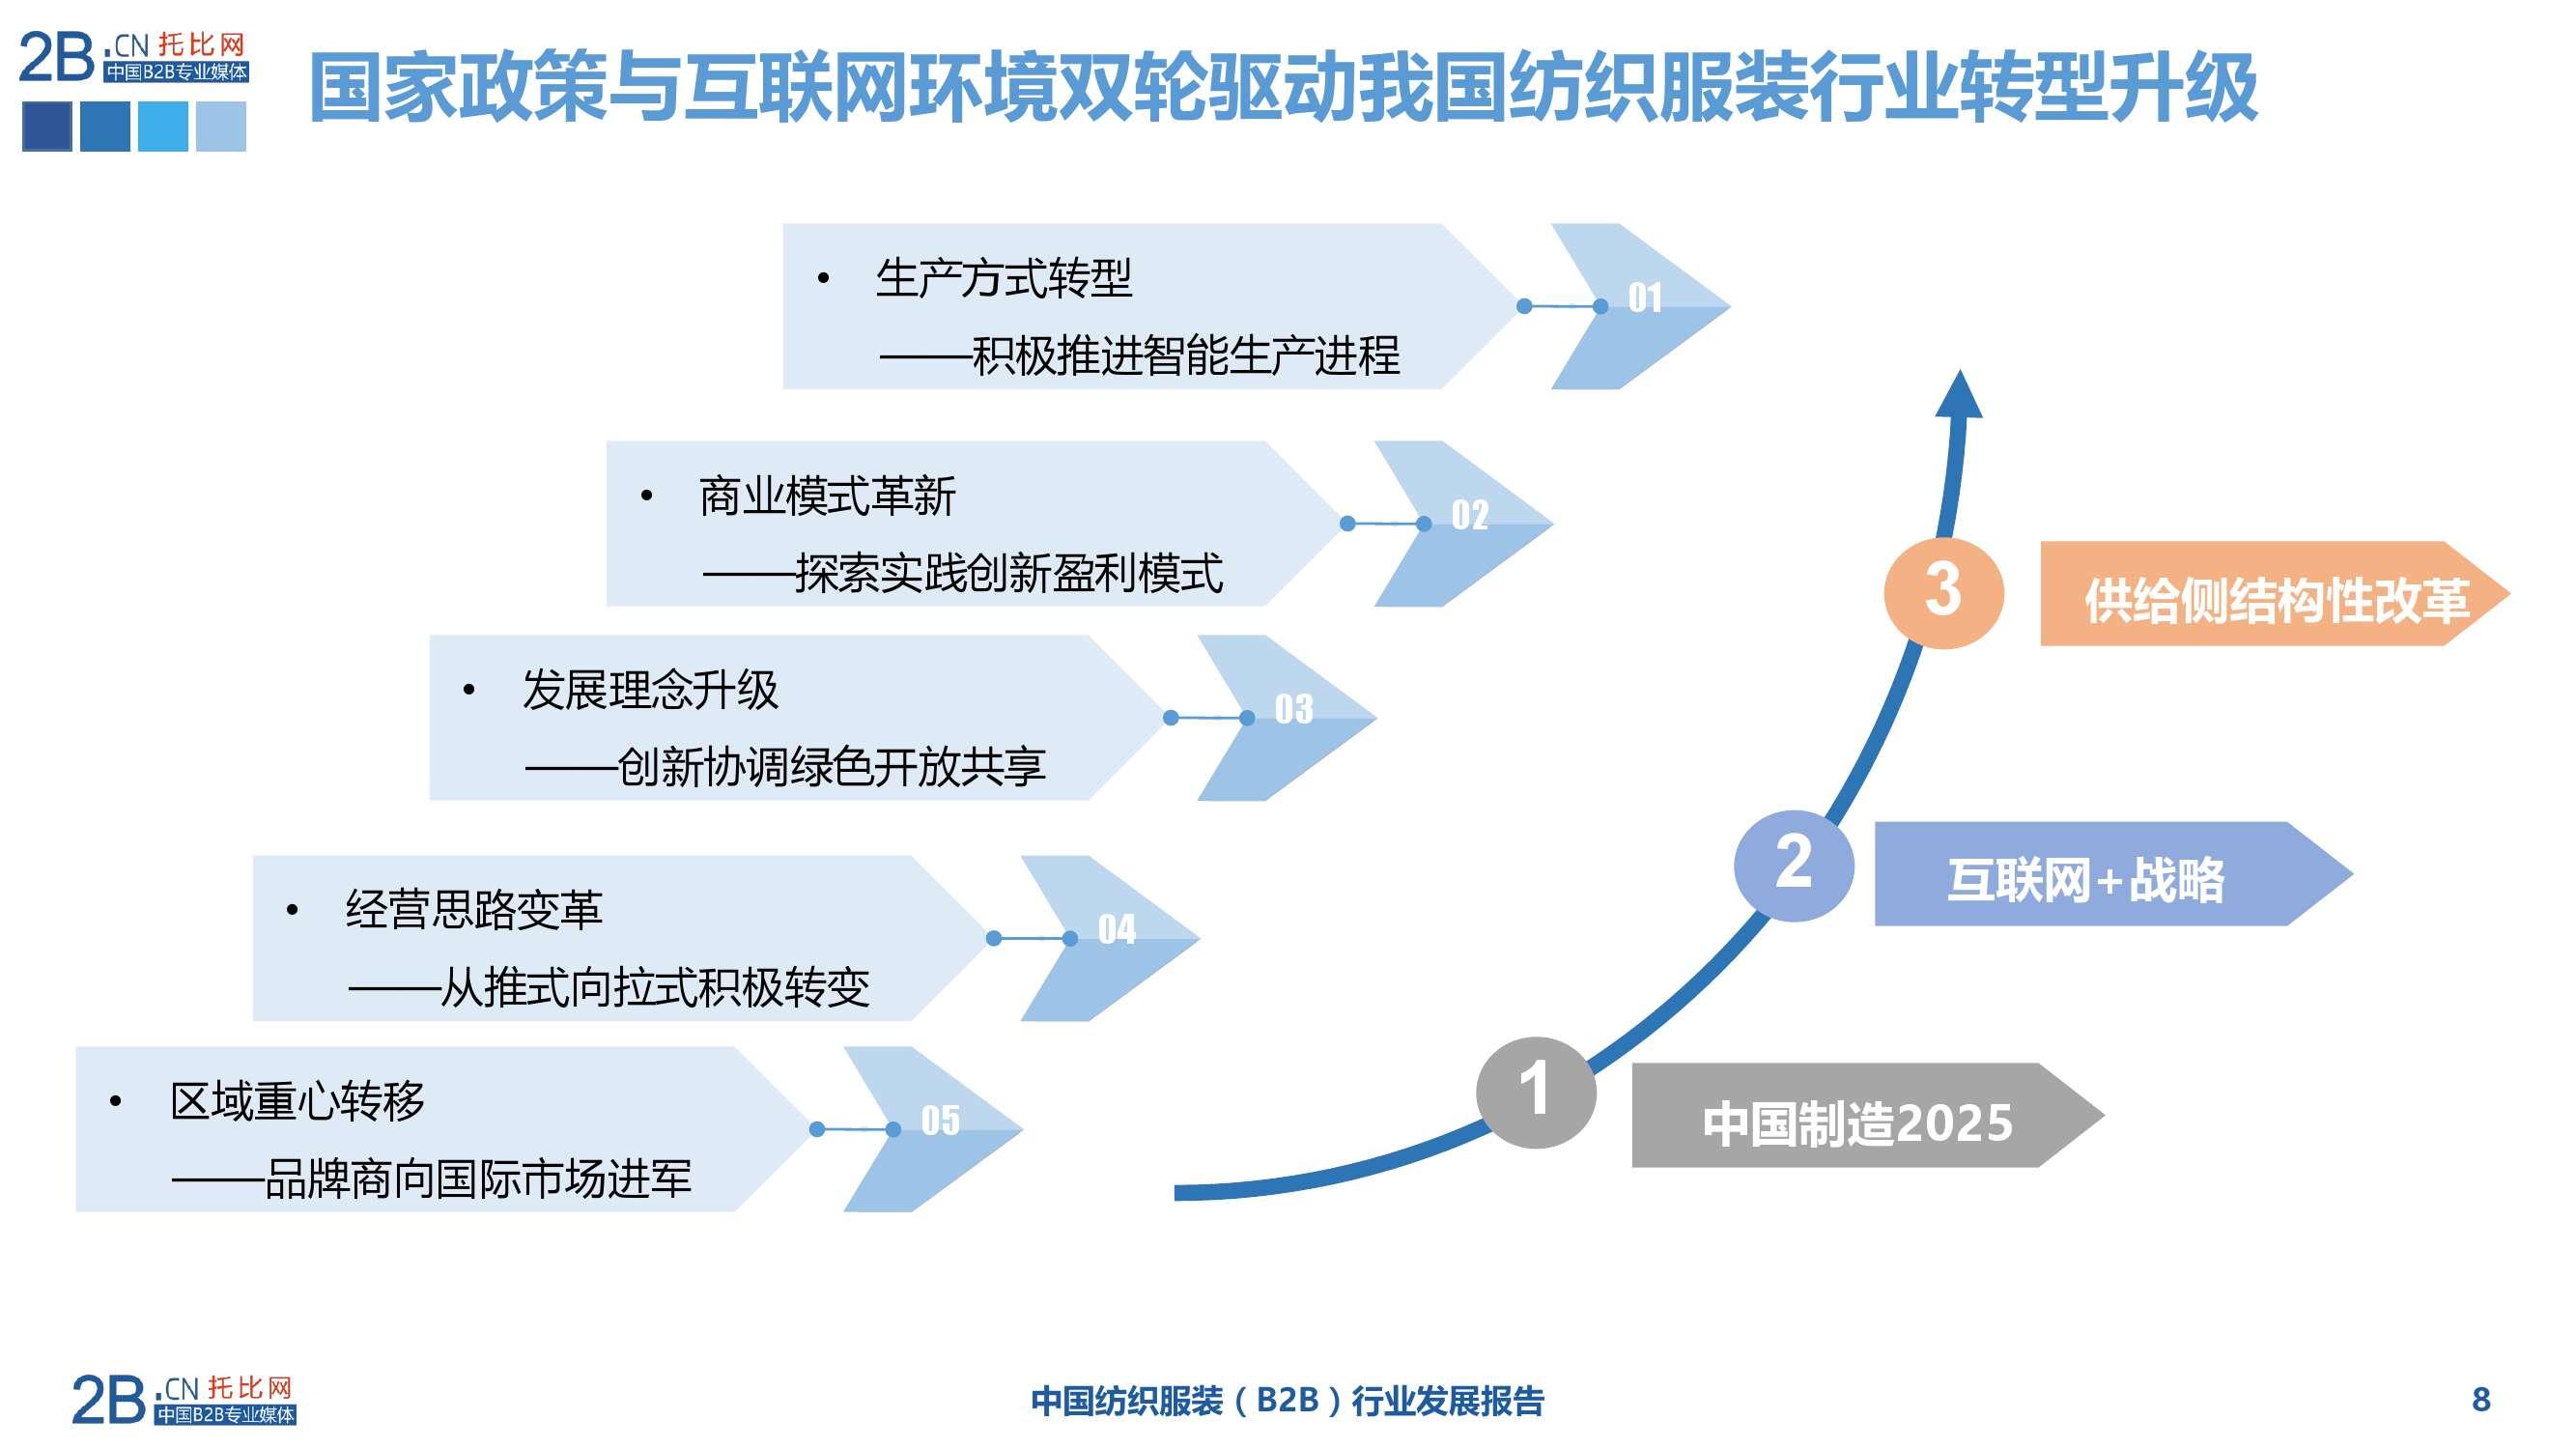 2015年中国纺织服装B2B行业发展报告_000008